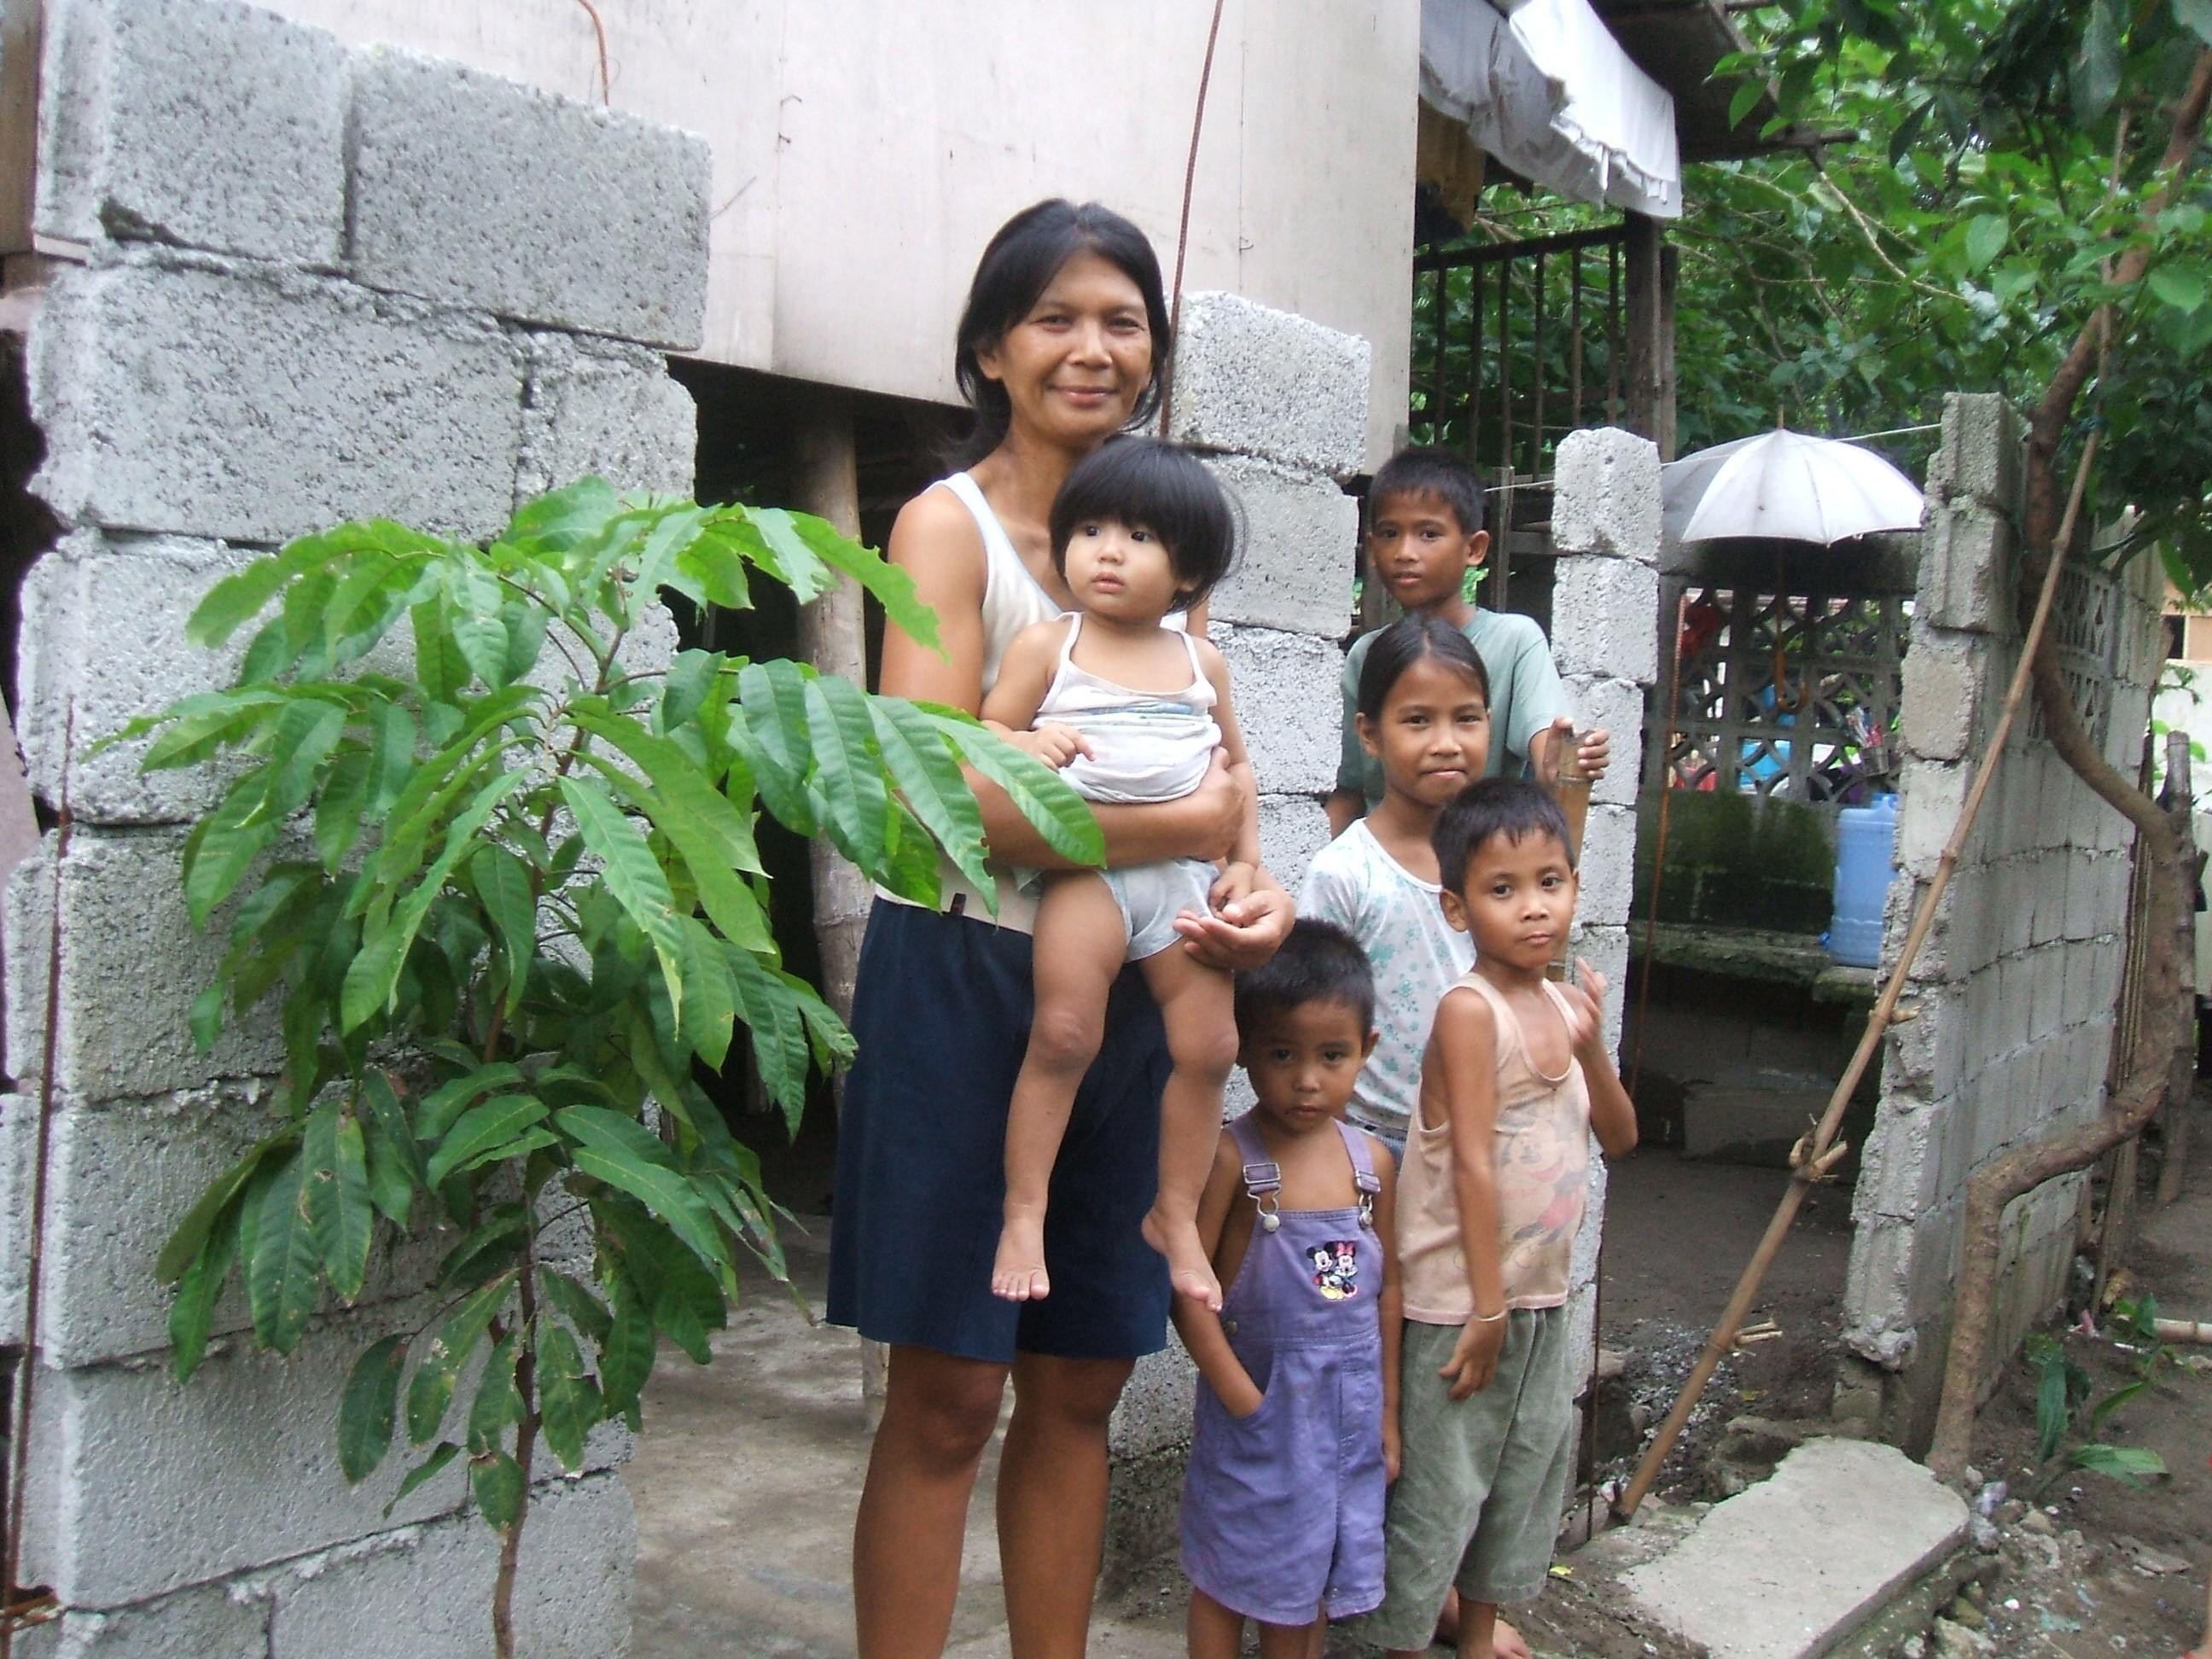 Familia del barrio de la escuela